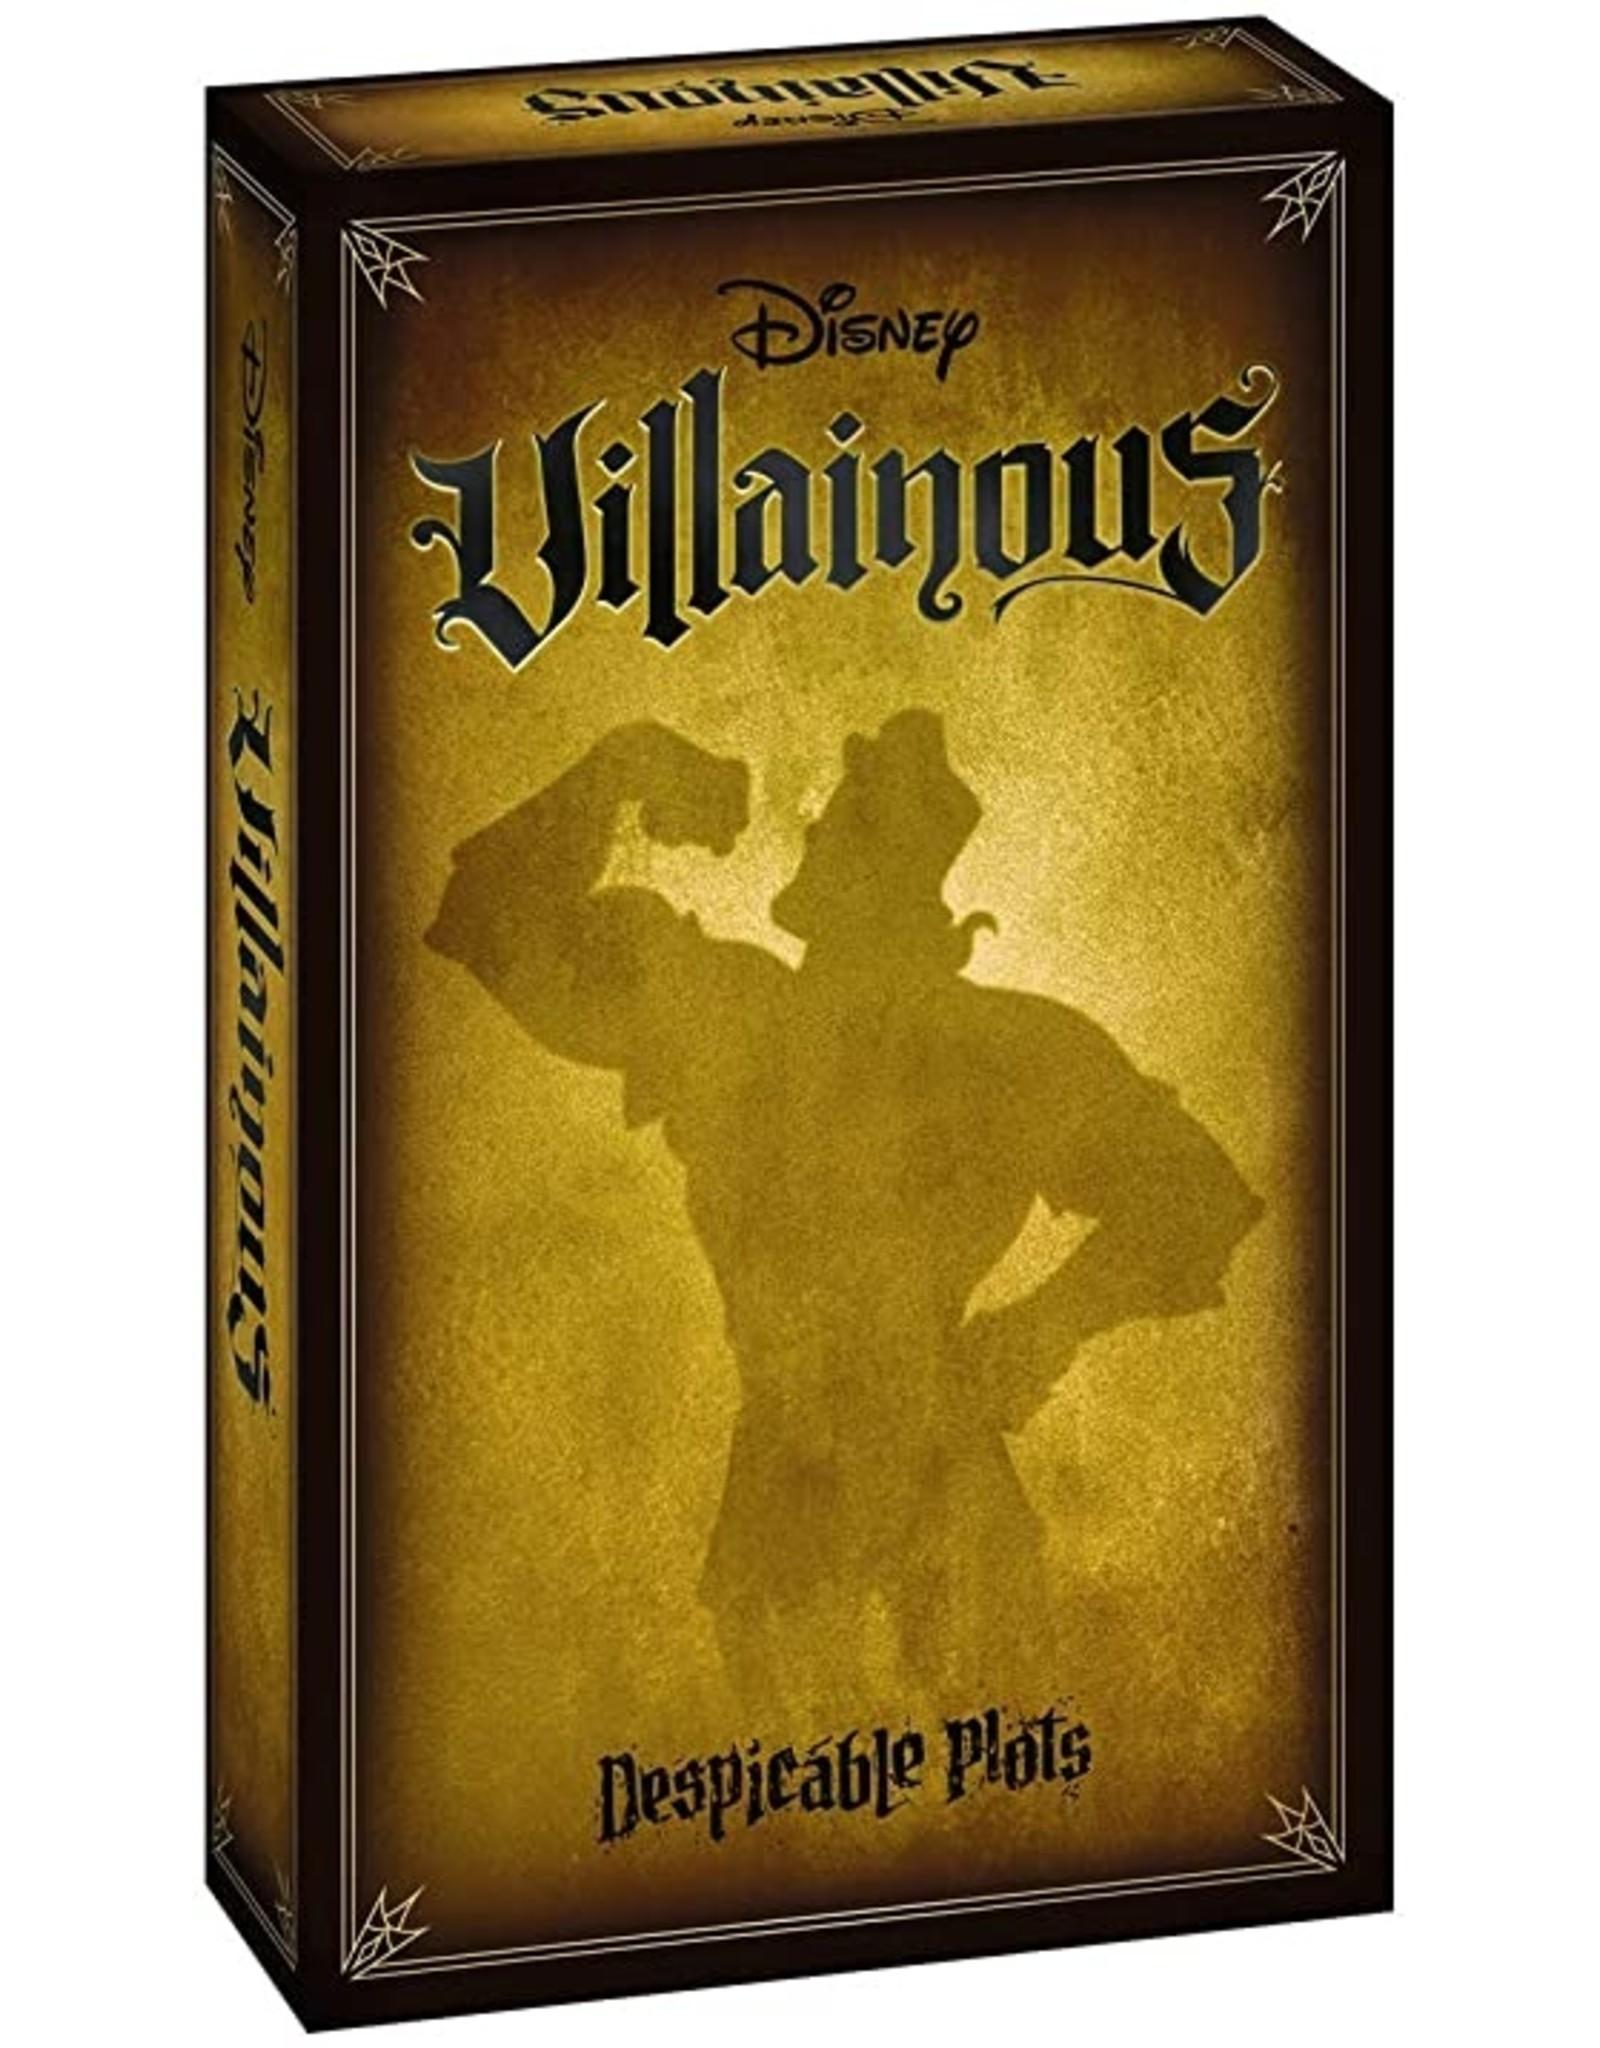 Villainous: Despicable Plots